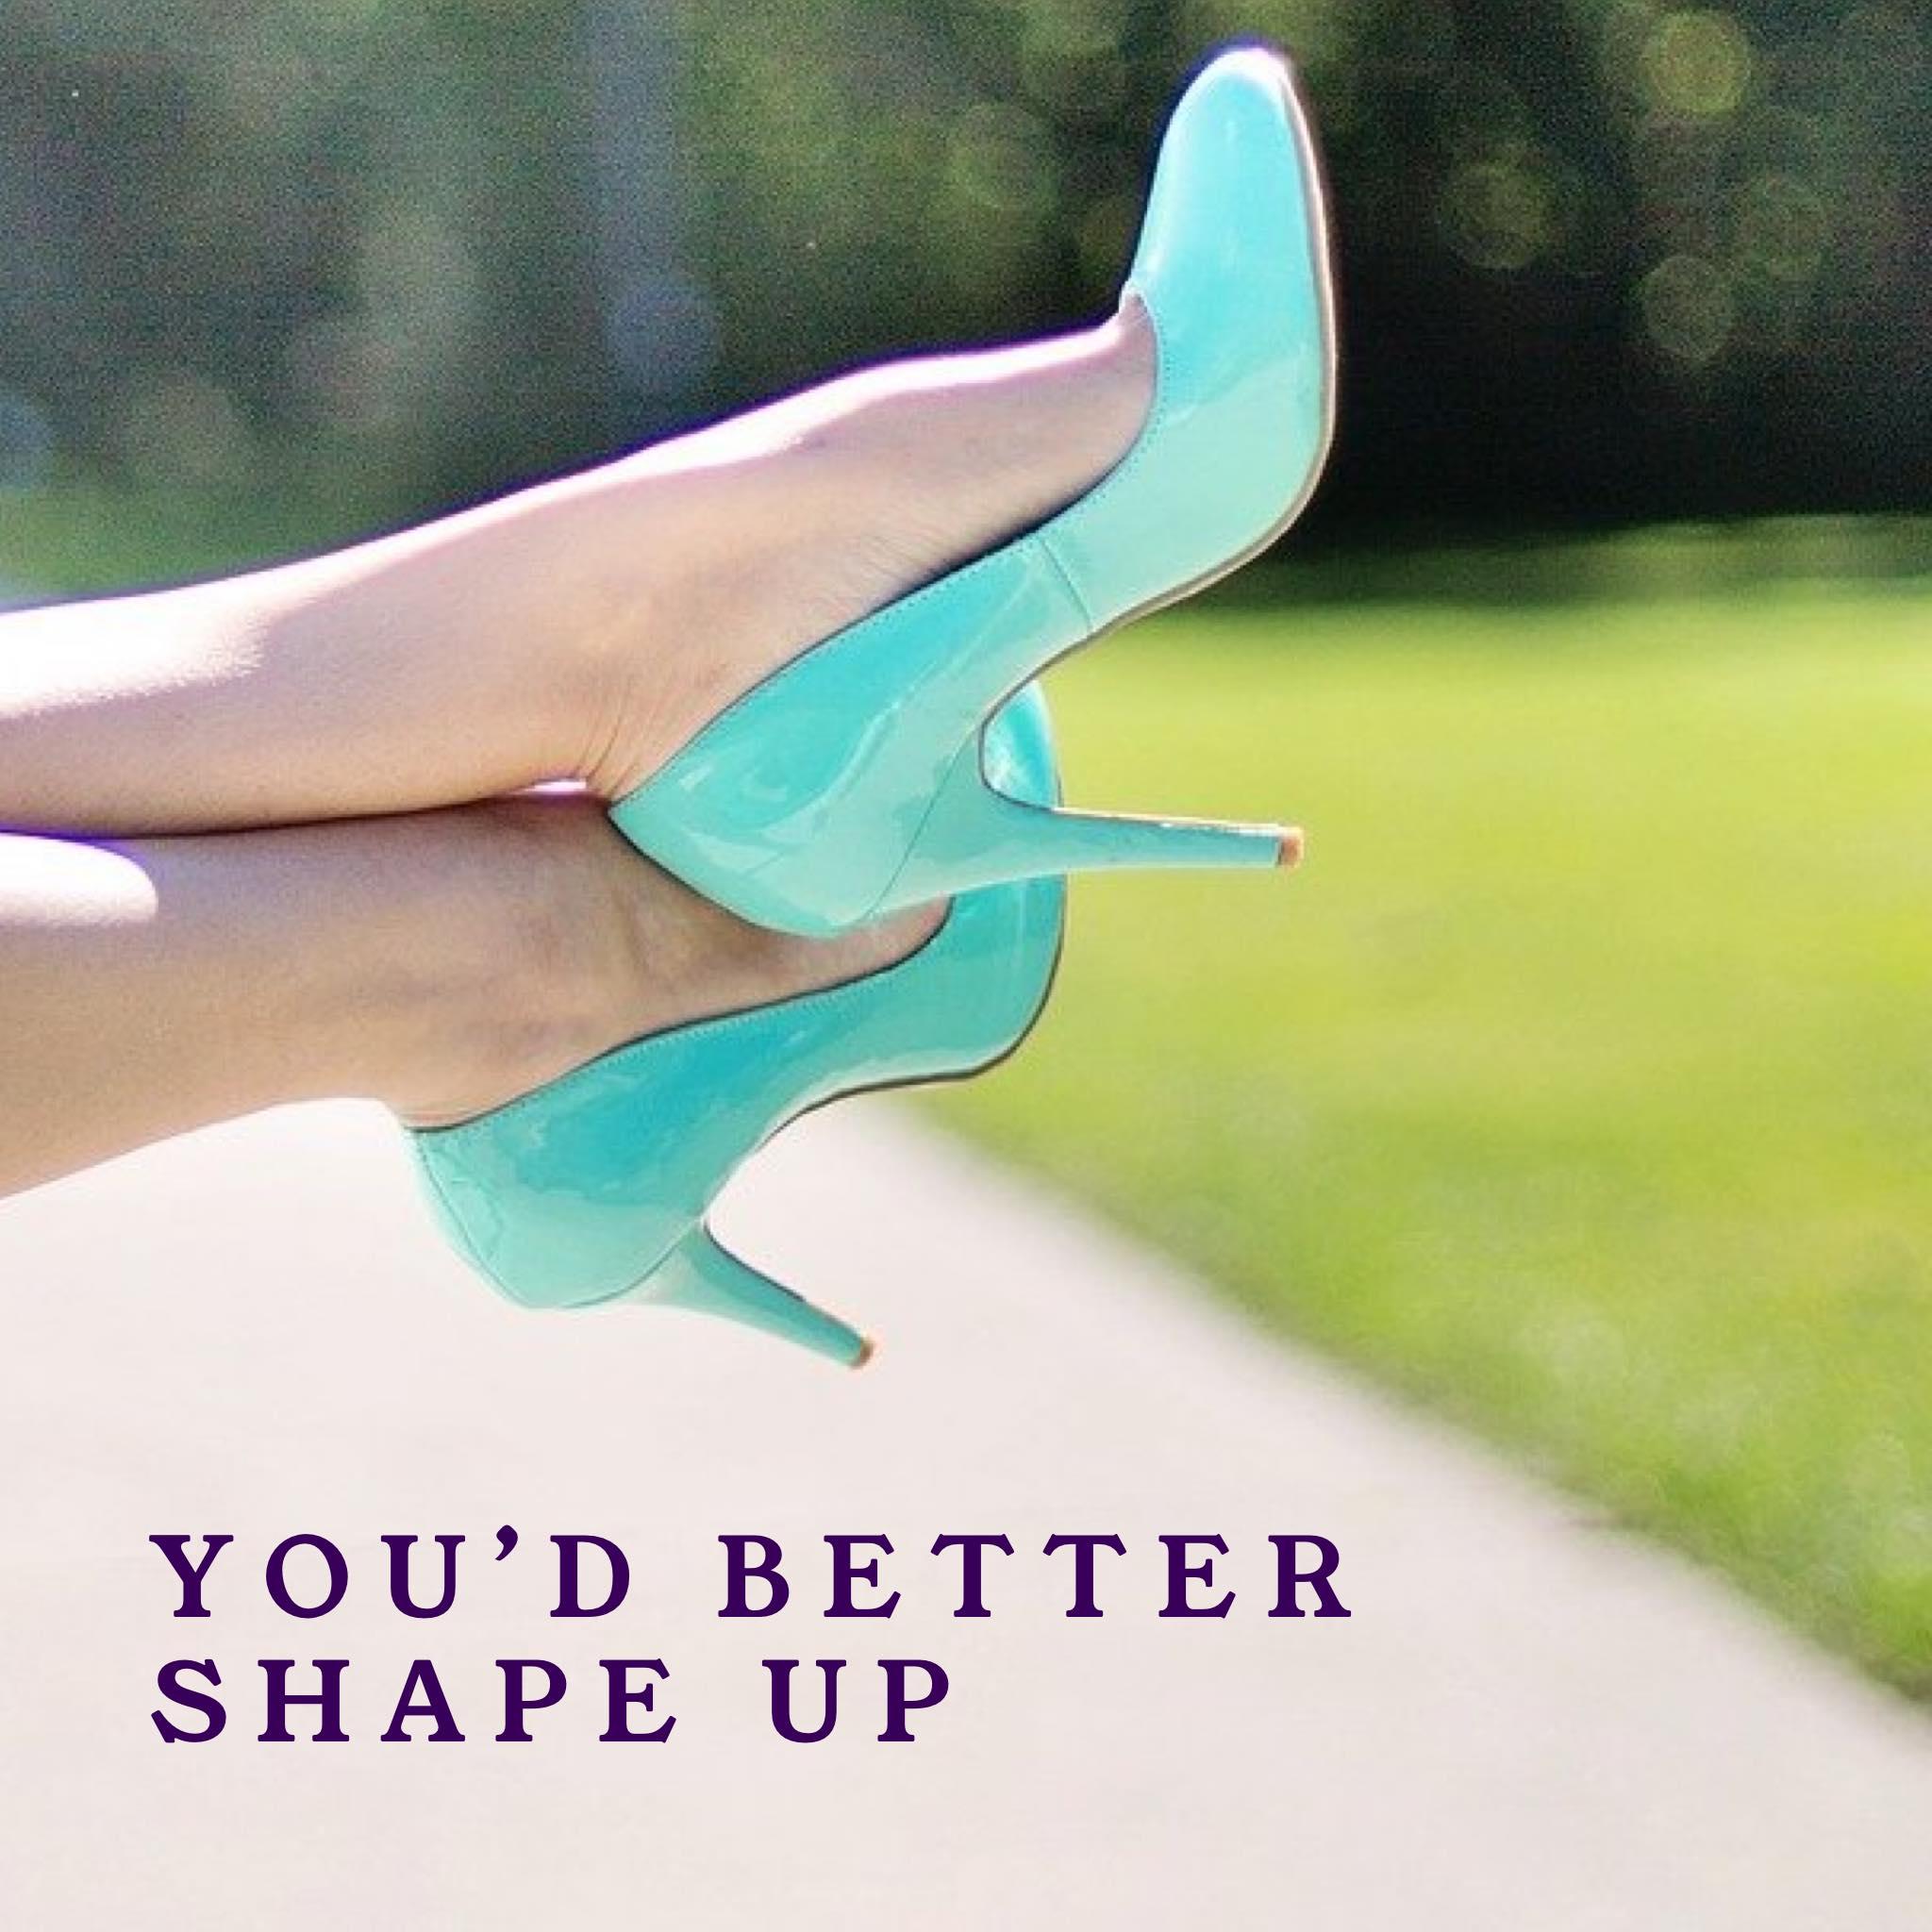 You'd better shape up